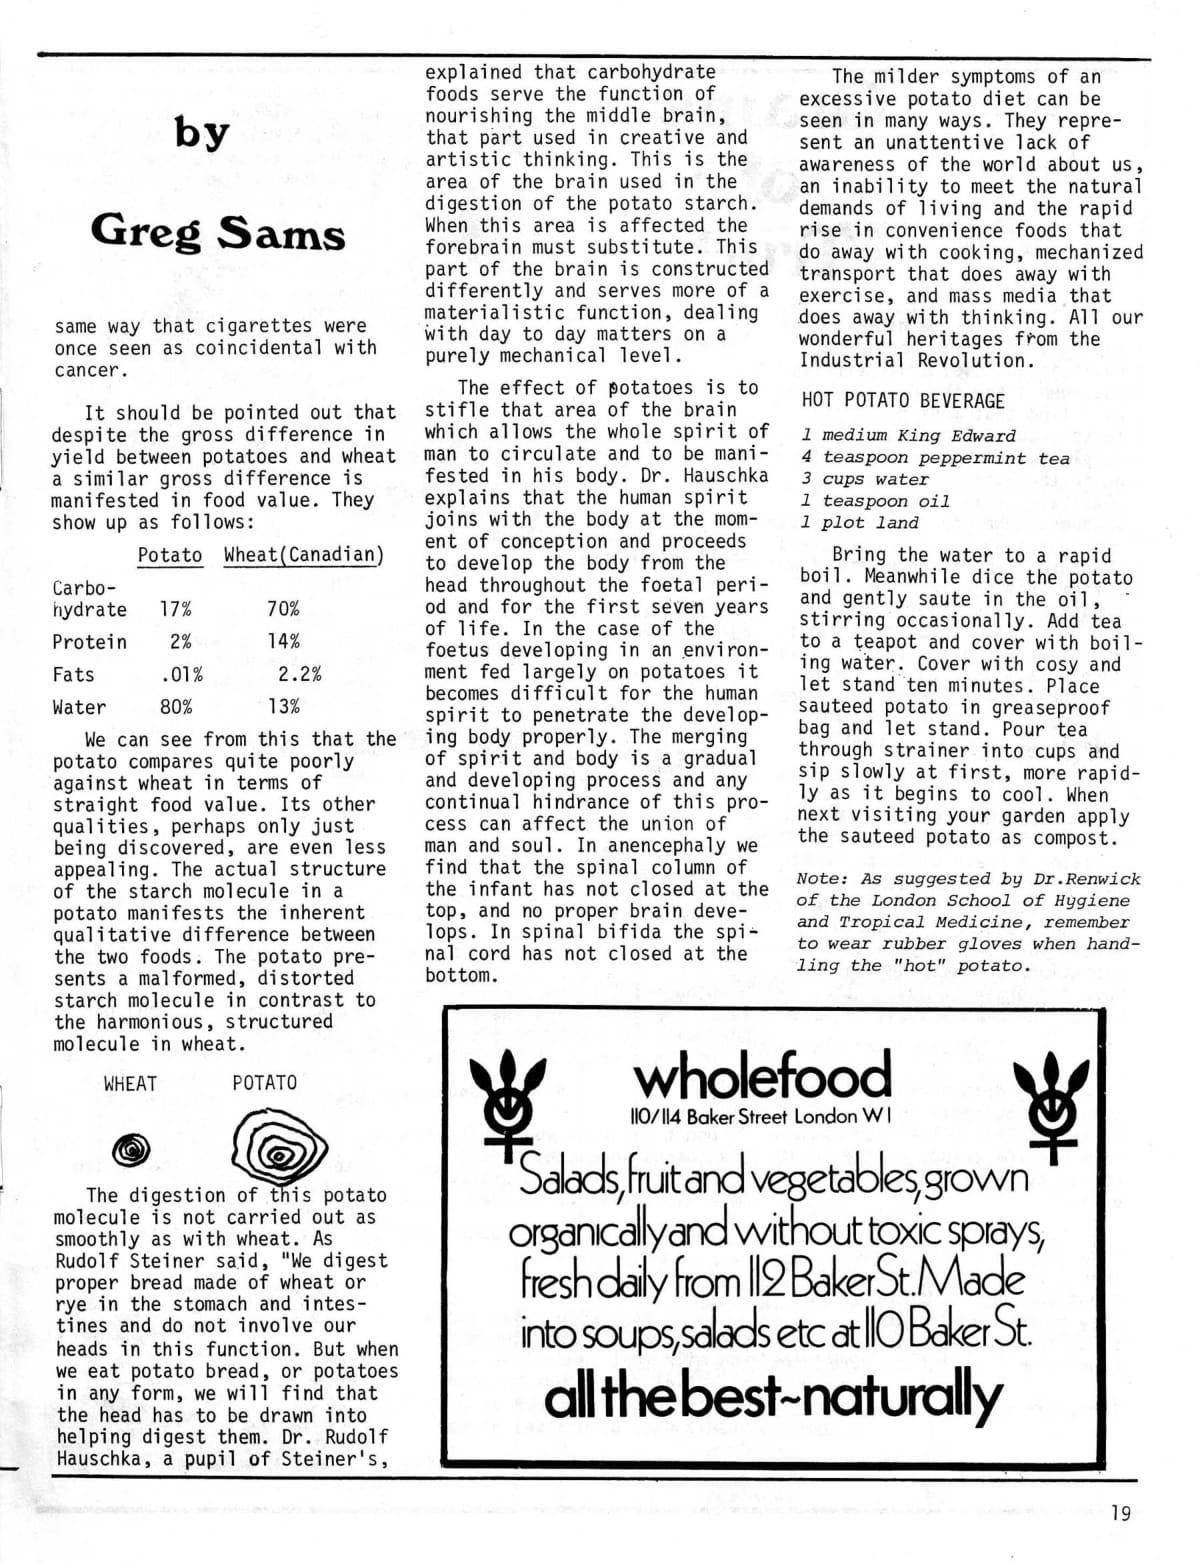 seed-v2-n2-feb1973-19.jpg